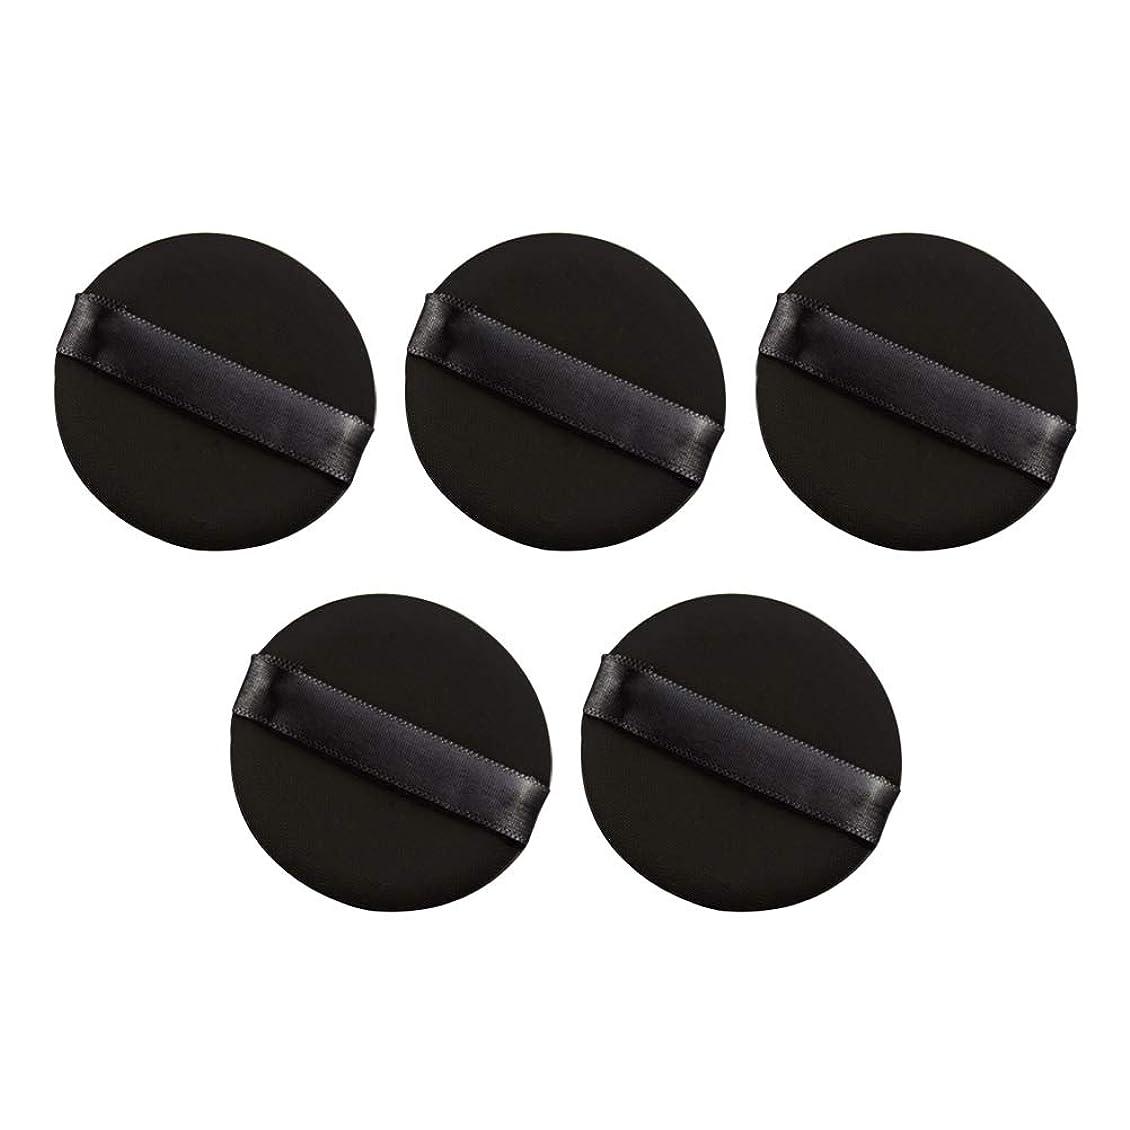 札入れ凍った寸前Frcolor パウダーパフ エアクッション 化粧ツール ラテックスではない 弾力性 化粧品 旅行用 5個セット(ブラック)